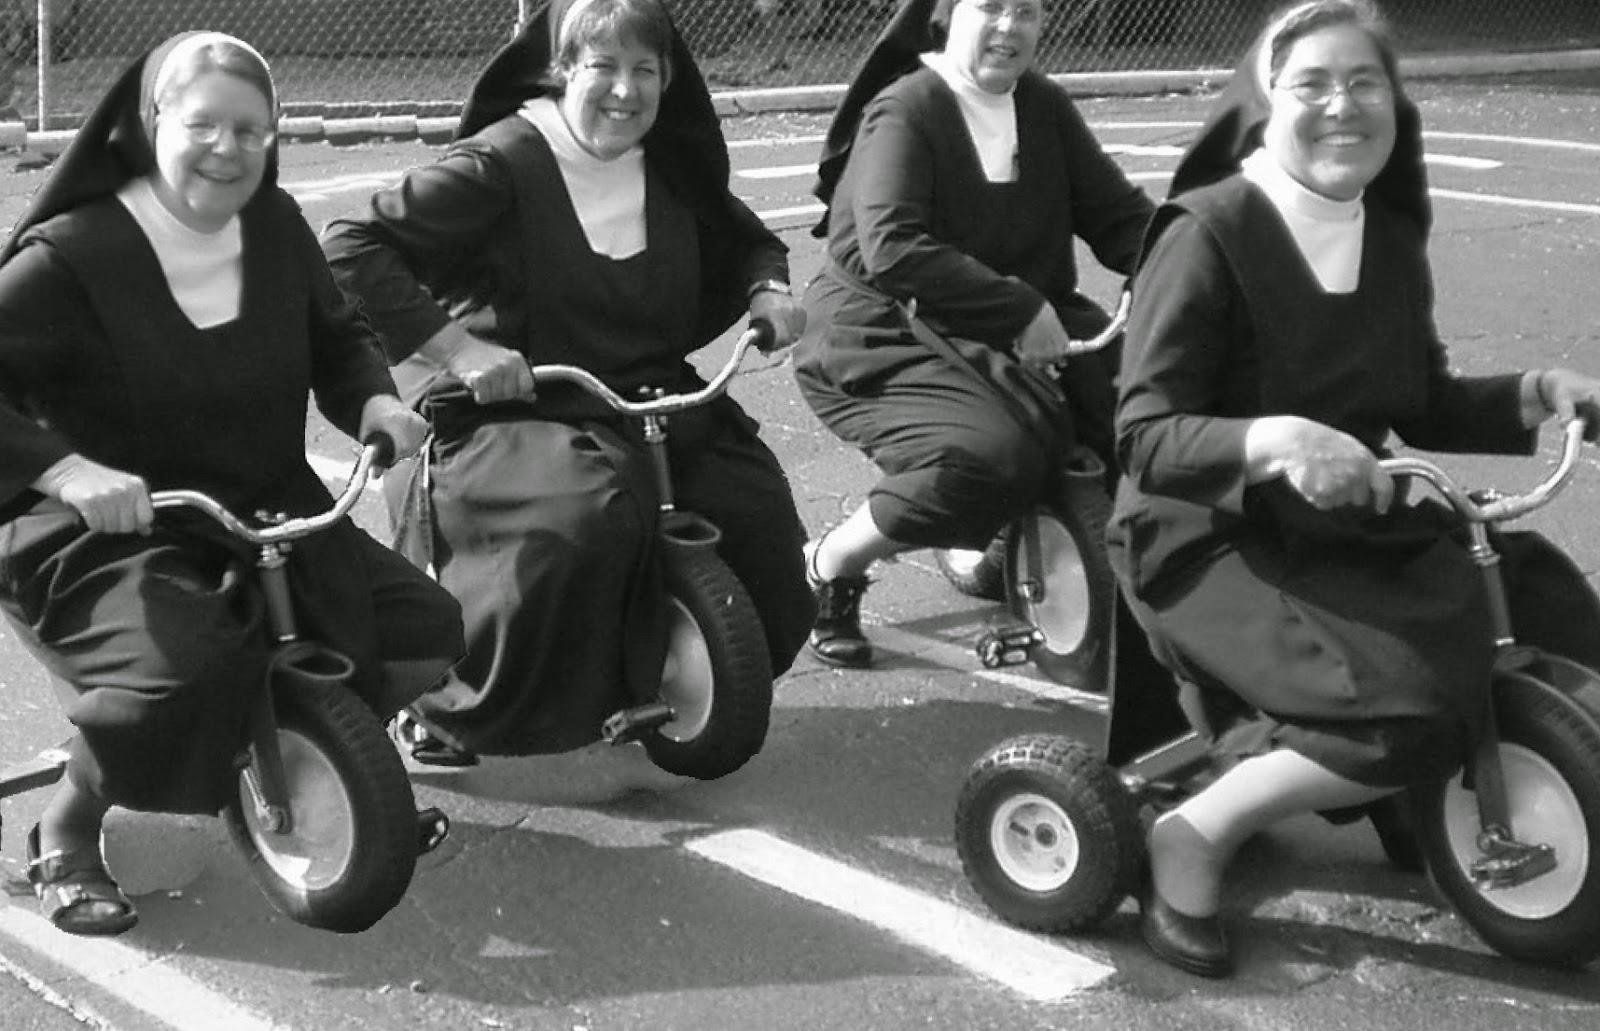 Show de monjas de las hermanas ortega en el vep - 1 part 1